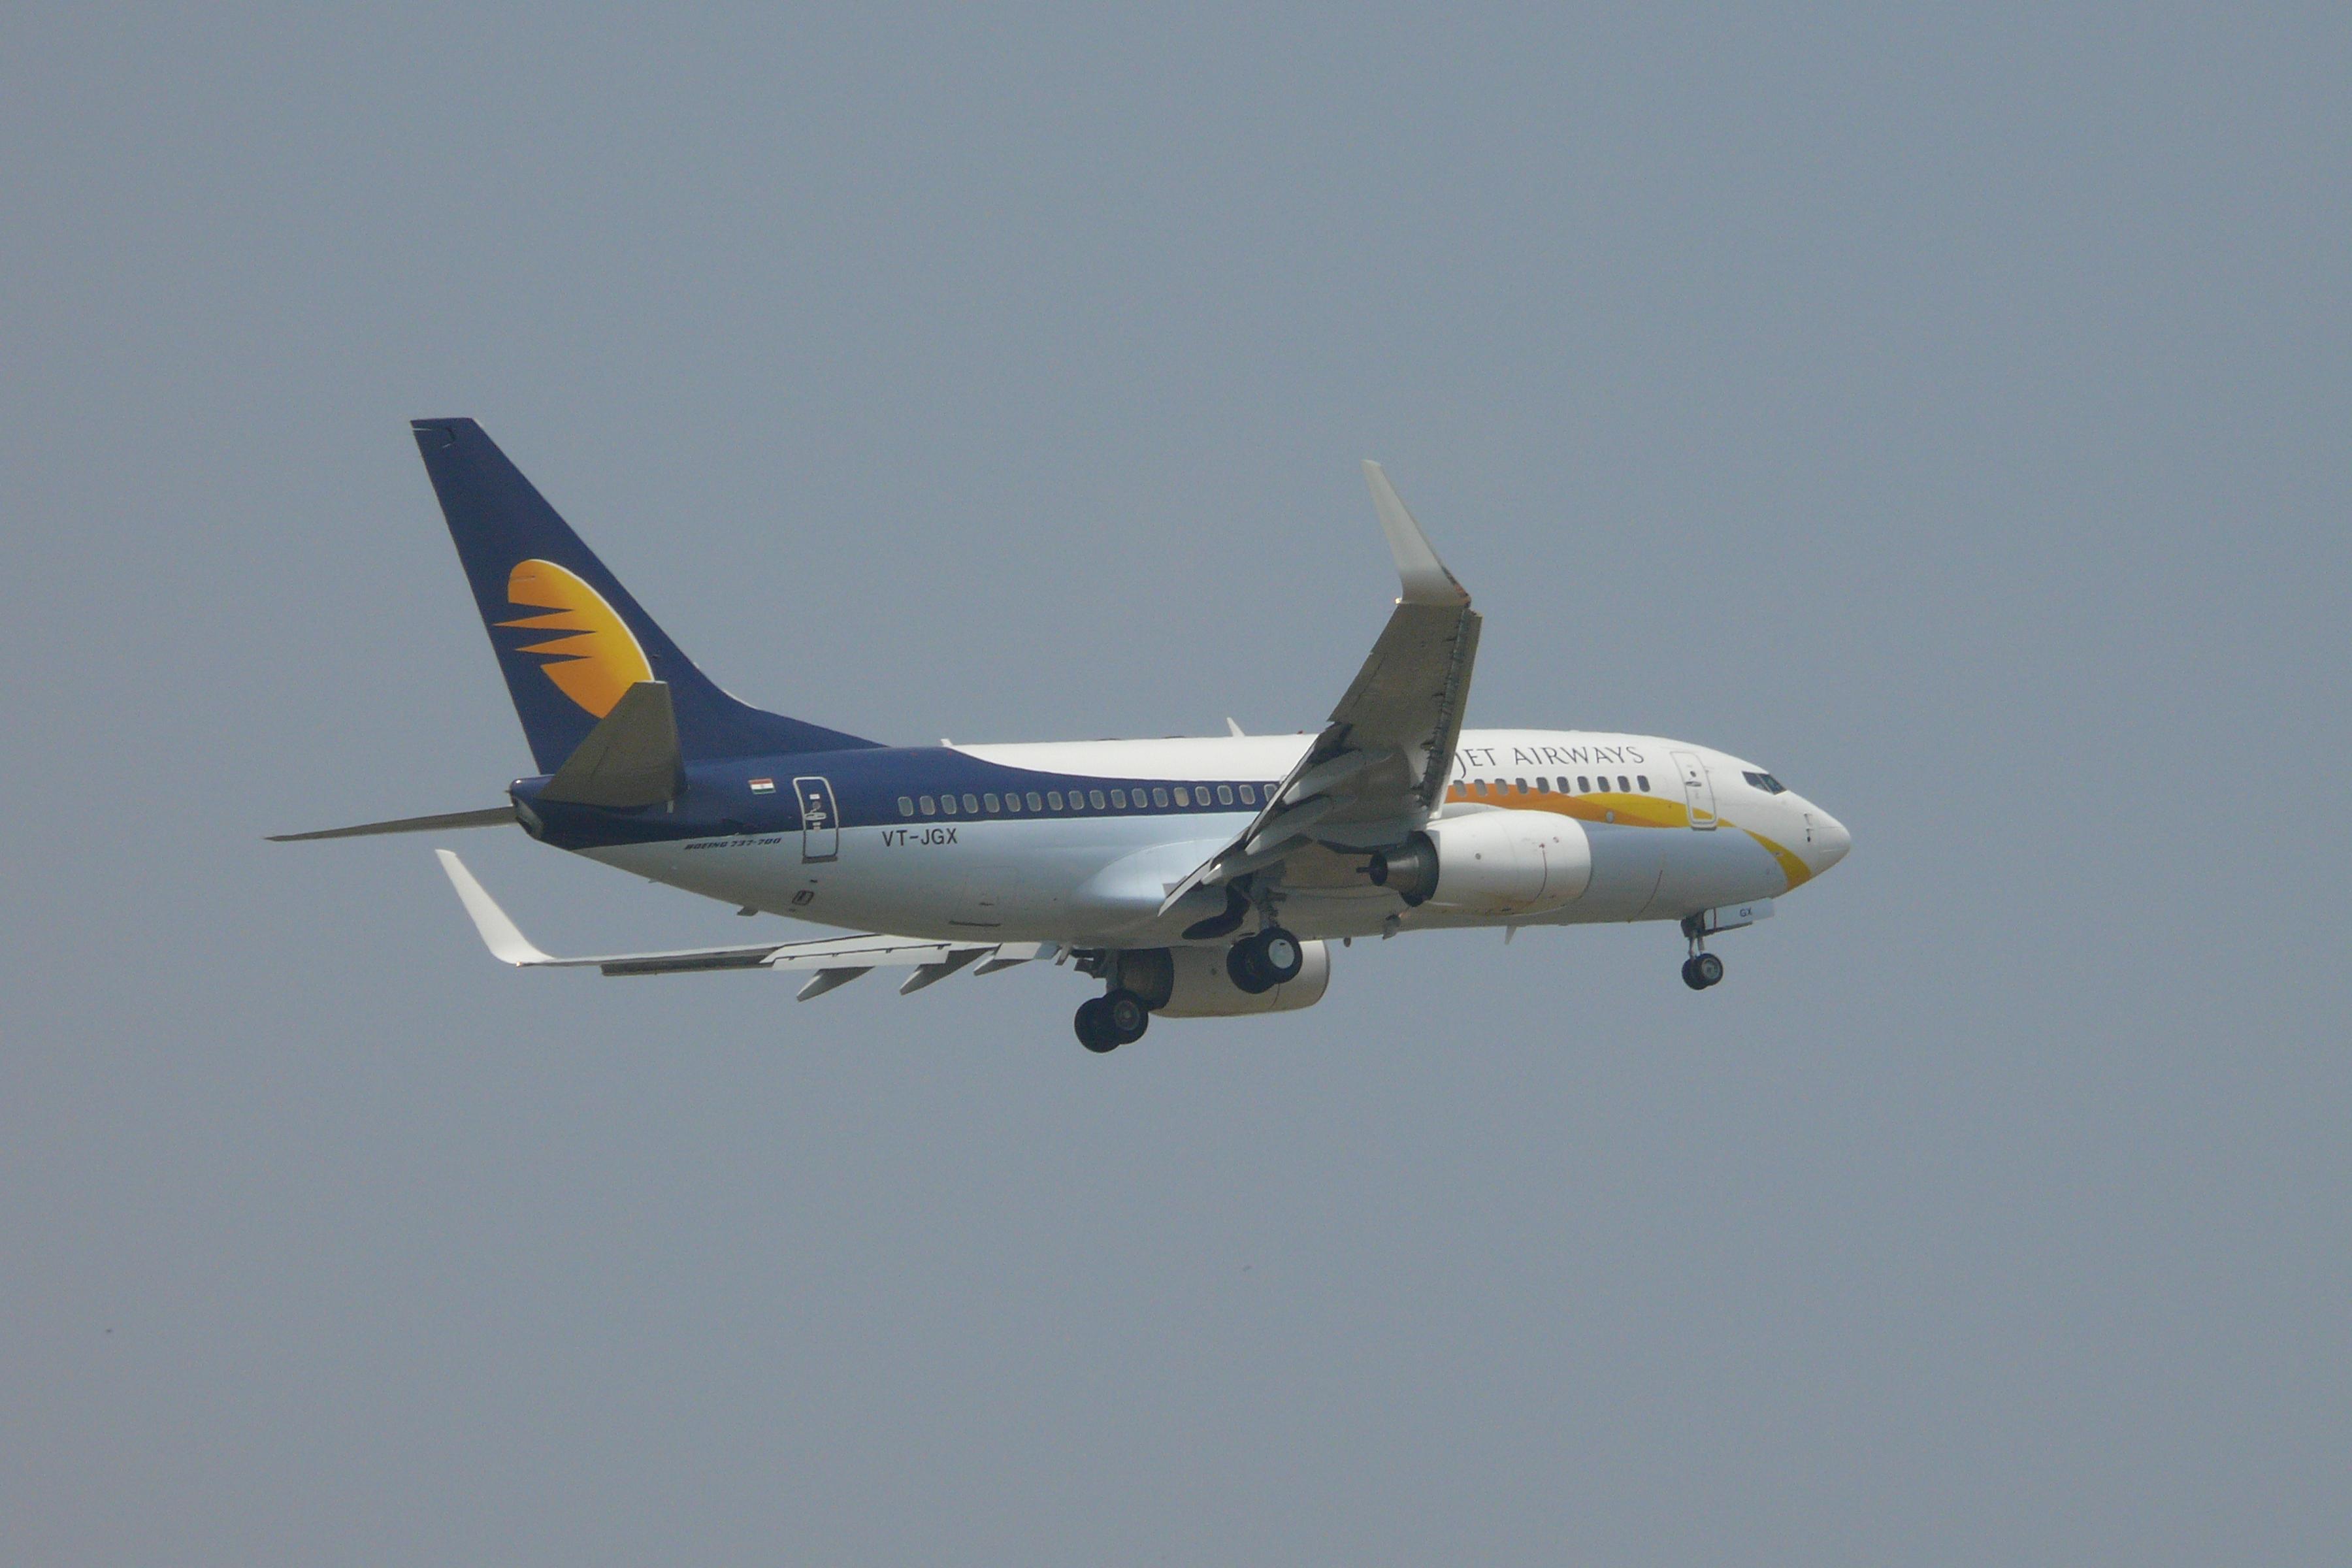 Boeing%20737-700%20%28winglets%29%20pax